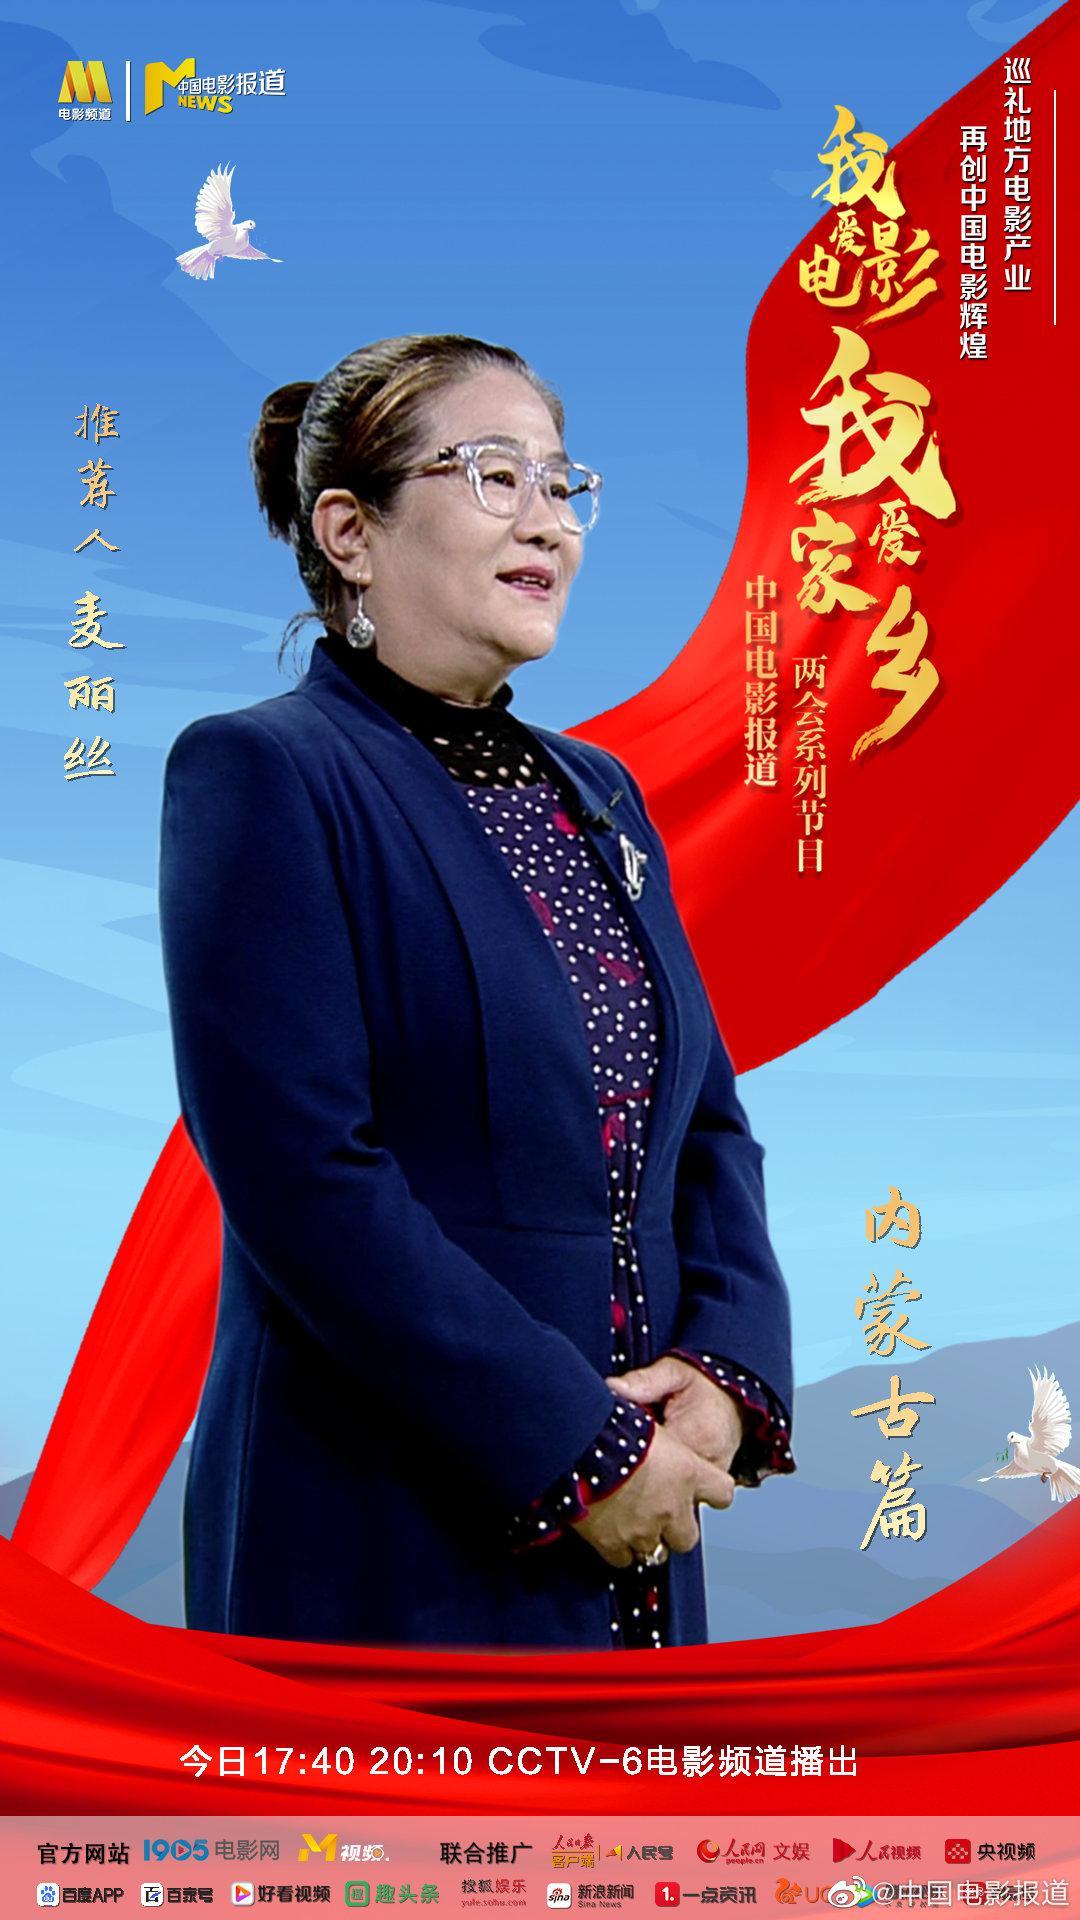 今日17:40 20:10 CCTV-6电影频道播出《中国电影报道》特别节目